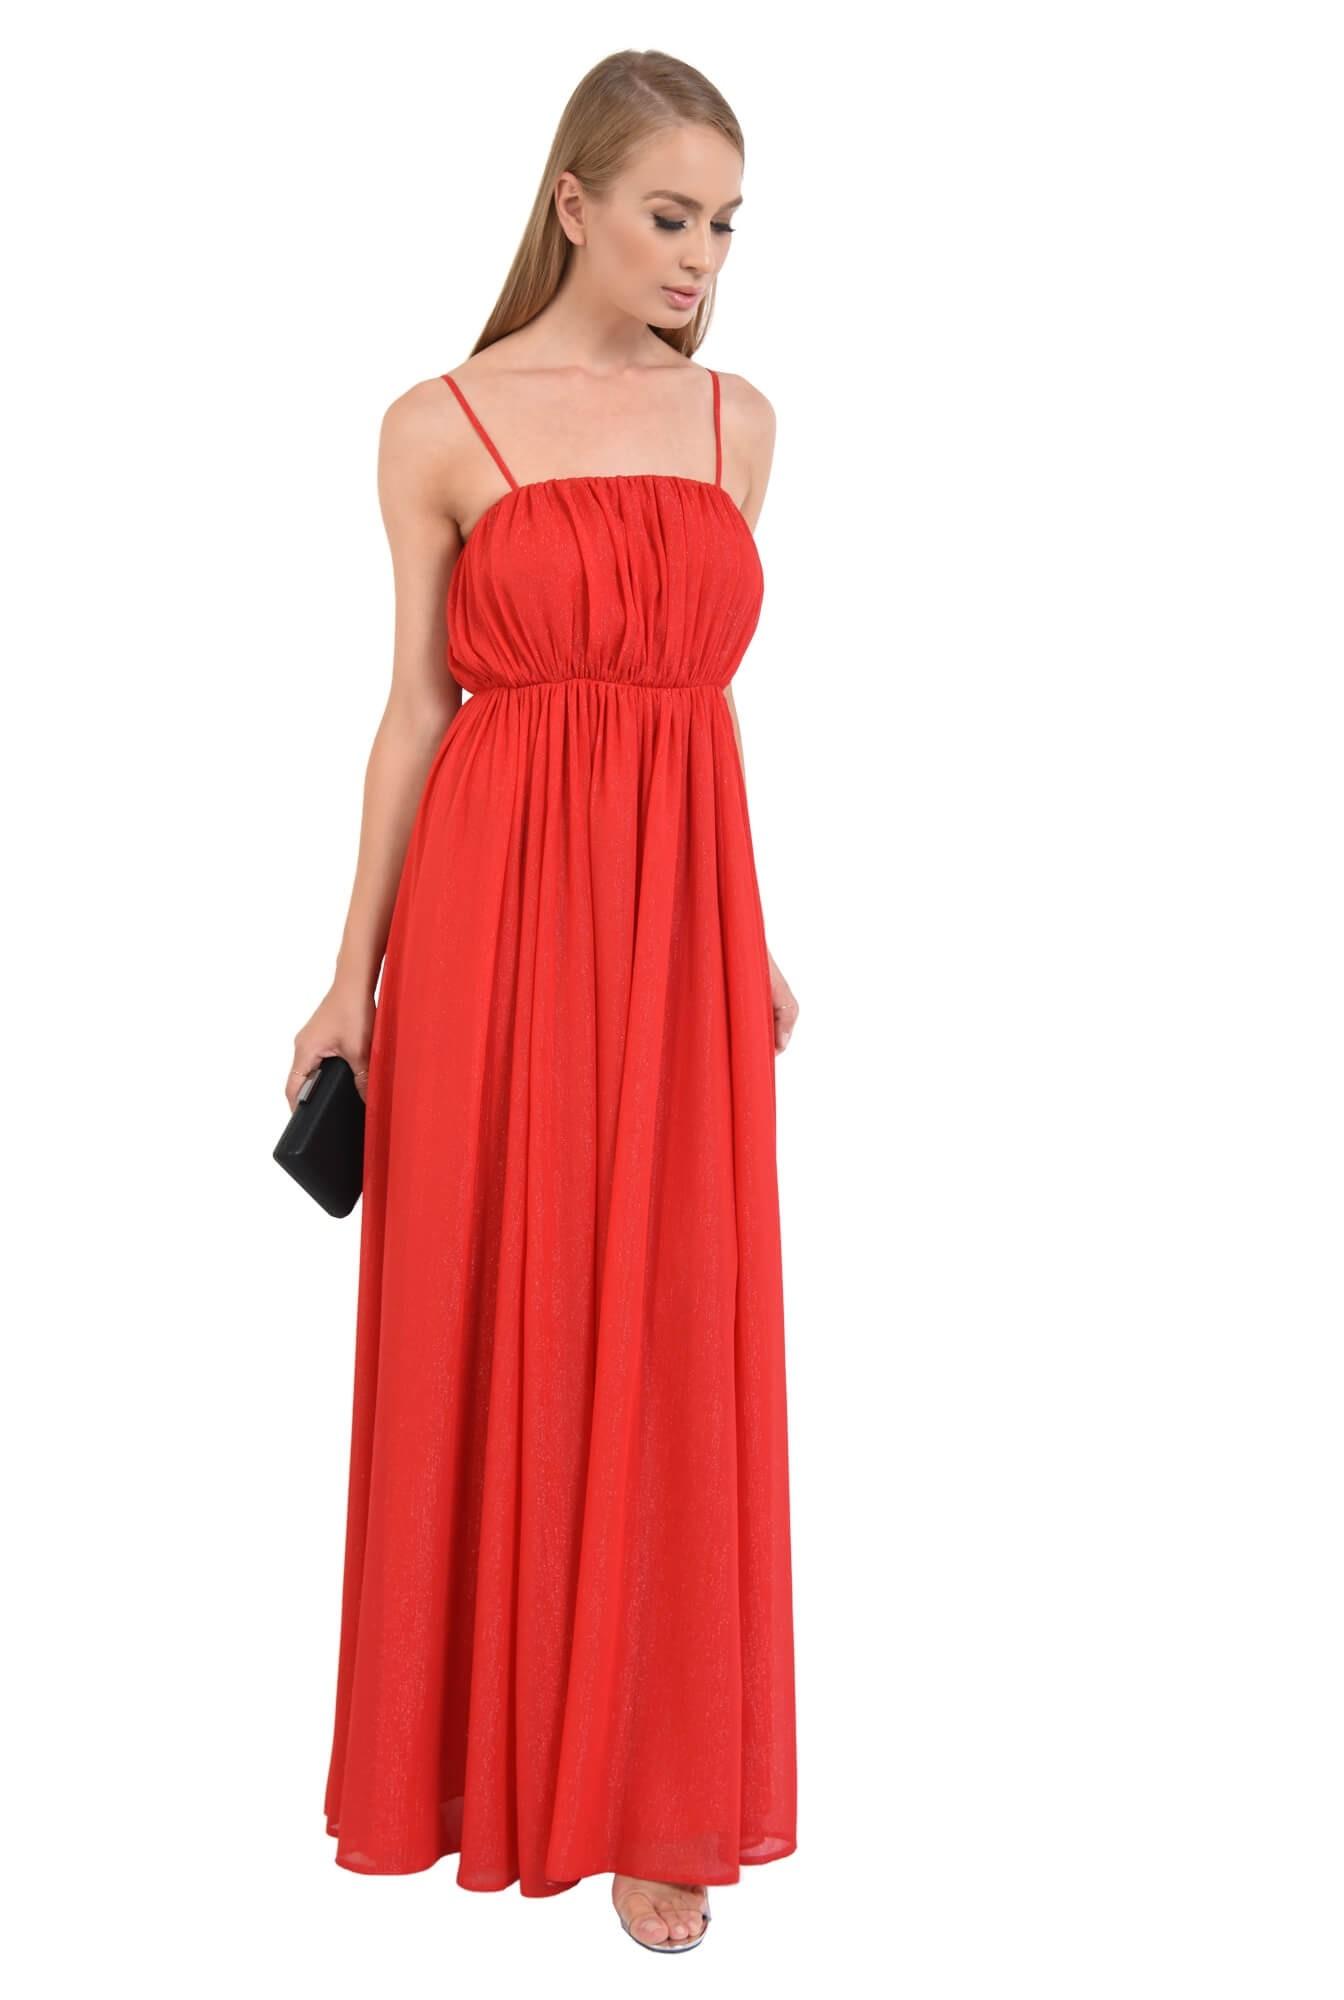 0 - rochie de seara, lunga, rosu, voal